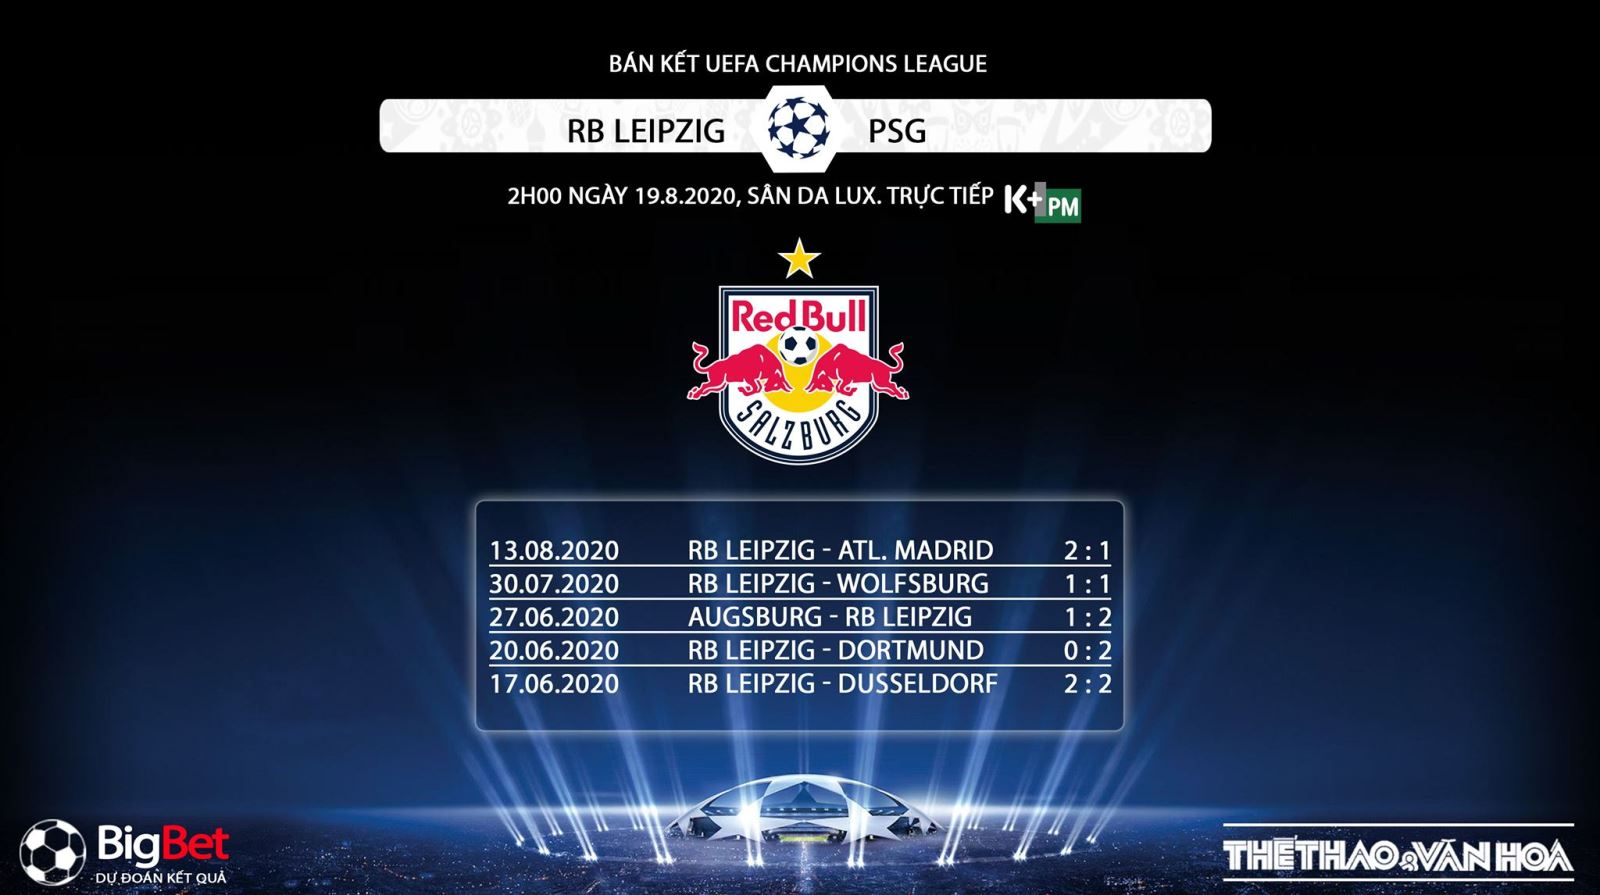 Keo nha cai, kèo nhà cái, Leipzig vs PSG, Bán kết cúp C1châu Âu, Trực tiếp bóng đá, Bán kết Champions League, K+, K+PM trực tiếp bóng đá, Kèo bóng đá PSG, Kèo bóng đá